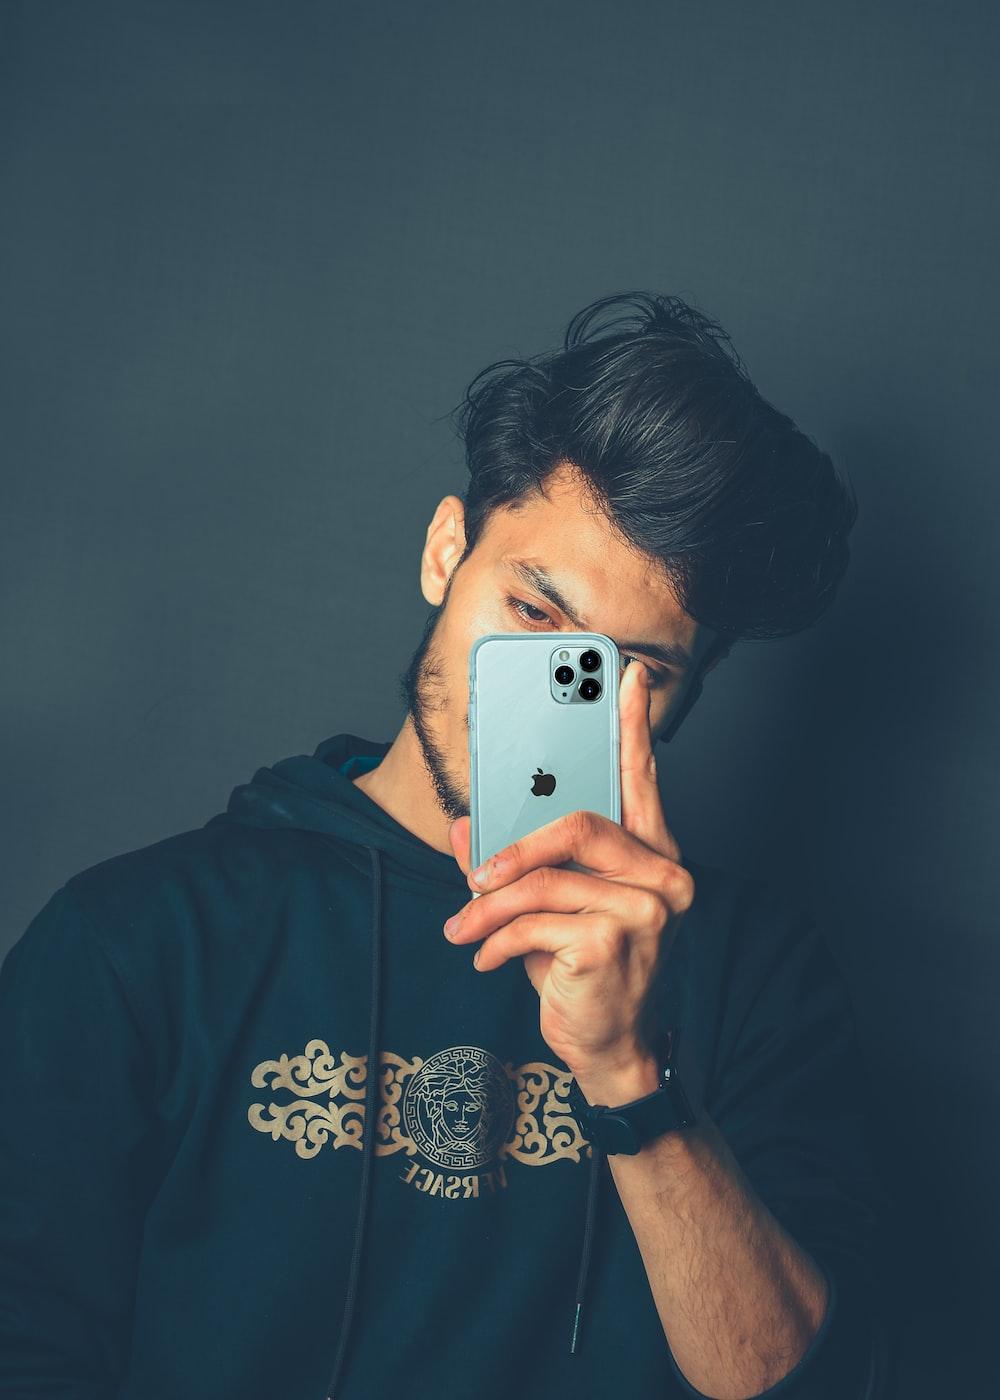 man in black hoodie holding silver iphone 6